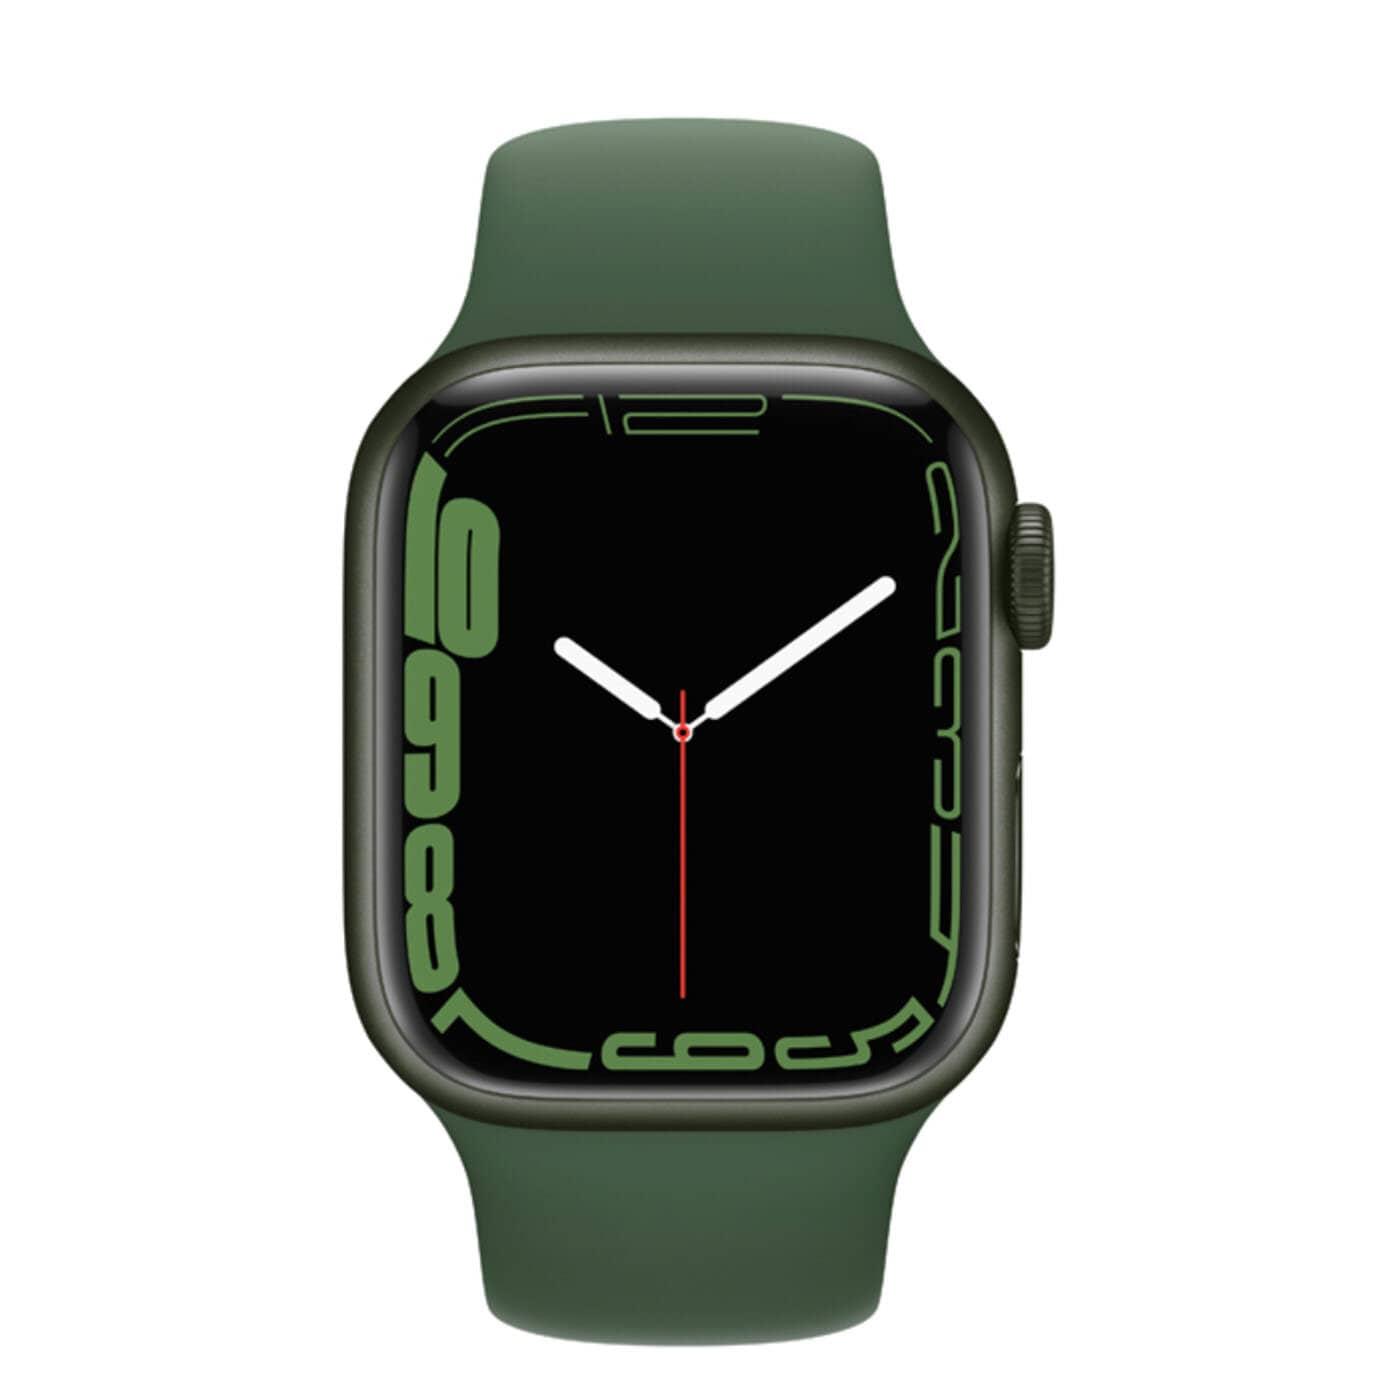 Apple Watch Series 7 Aluminiumboett, Sportband -Grön